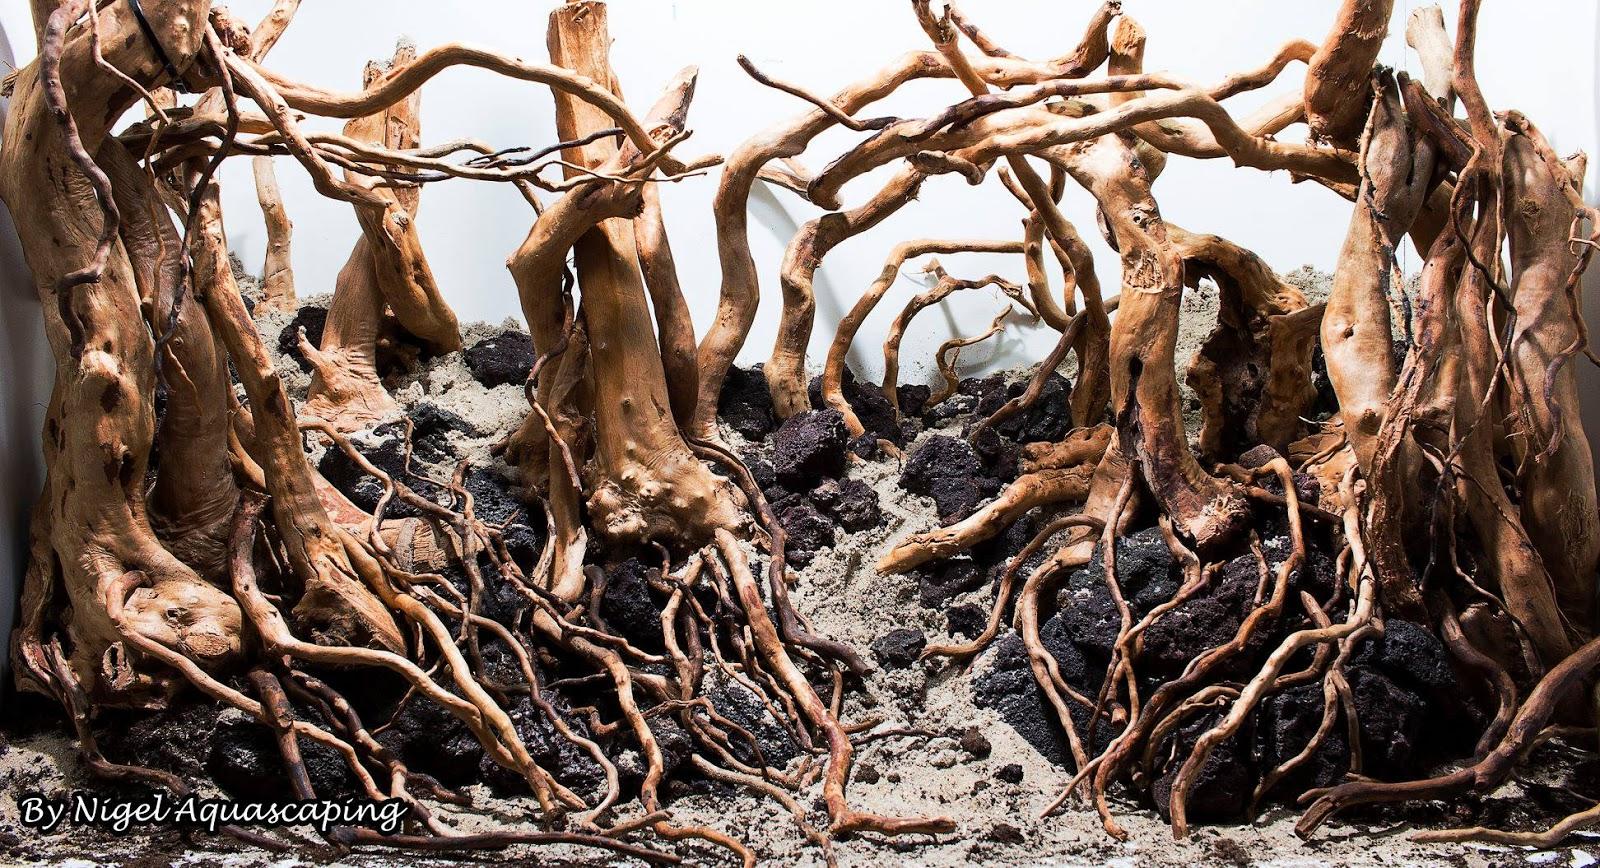 Lũa đỗ quyên trong một hồ thủy sinh bố cục rừng